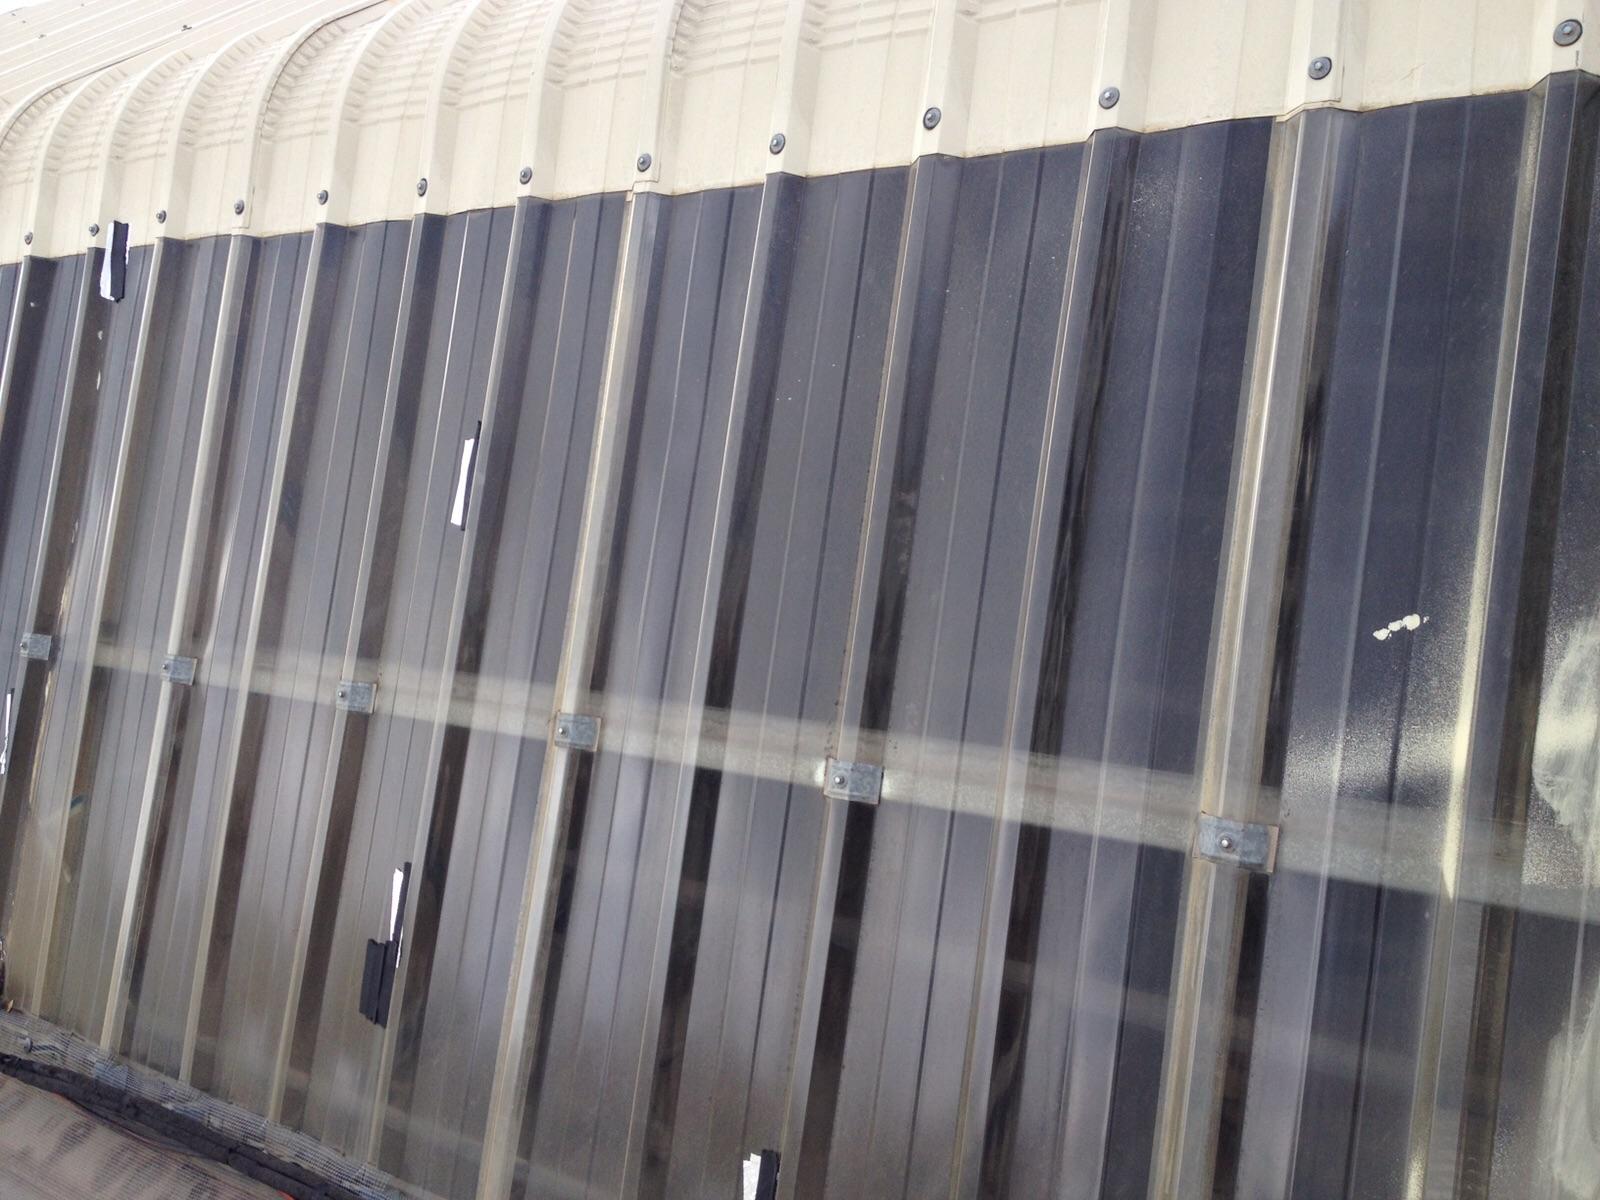 Sustitución de translucidos de policarbonato compacto y limpieza de canales. Prosegur. Zaragoza